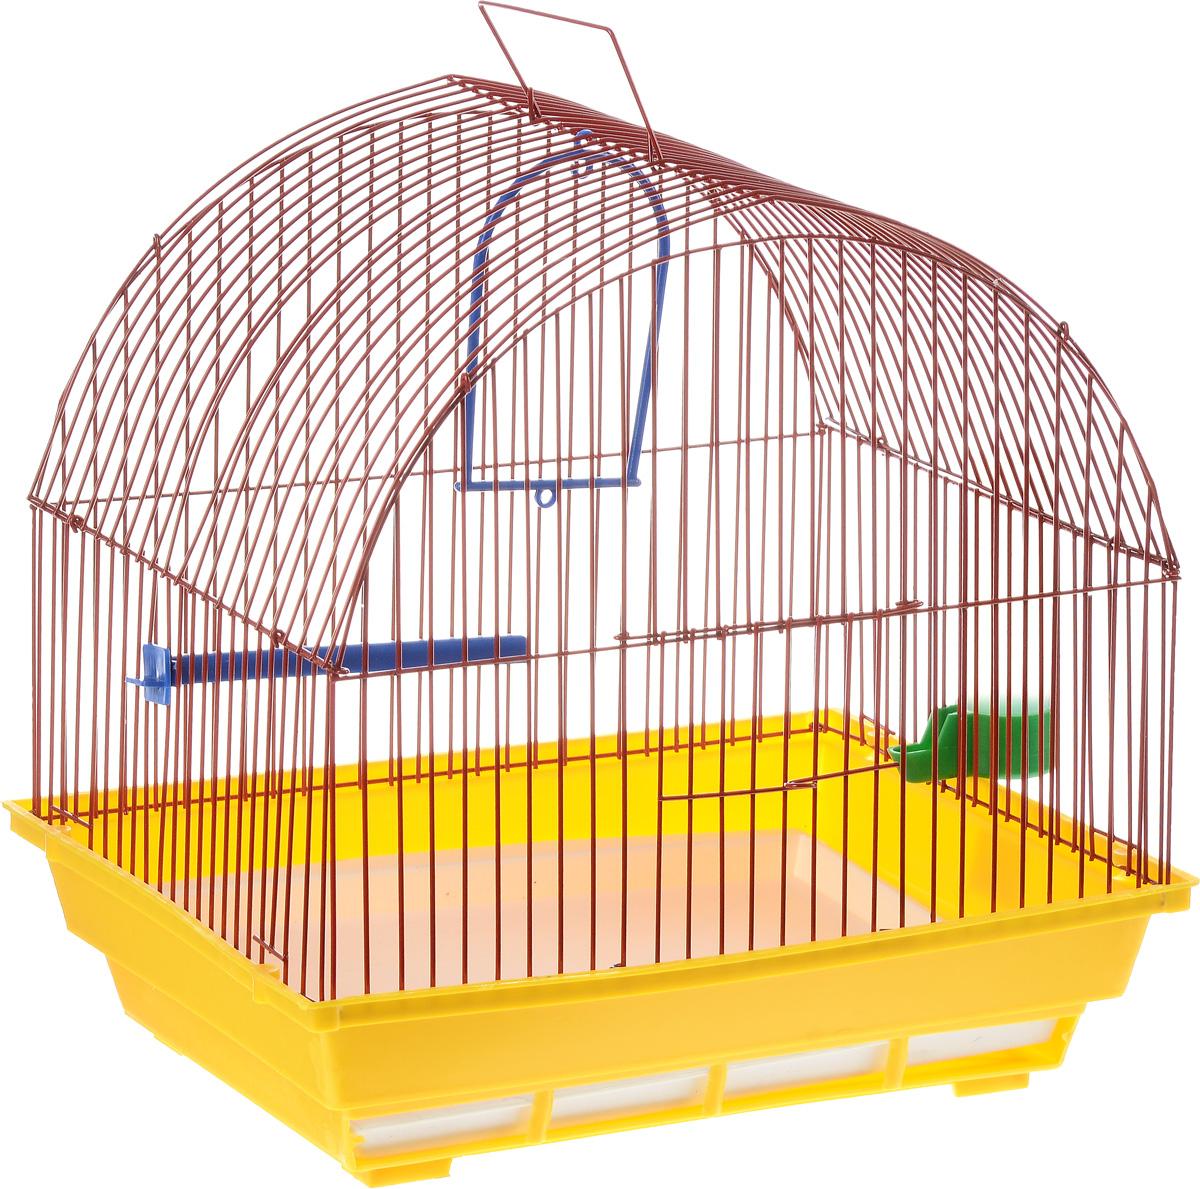 Клетка для птиц ЗооМарк, цвет: желтый поддон, красная решетка, 35 х 28 х 34 см0120710Клетка ЗооМарк, выполненная из полипропилена и металла с эмалированным покрытием, предназначена для мелких птиц.Изделие состоит из большого поддона и решетки. Клетка снабжена металлической дверцей. В основании клетки находится малый поддон. Клетка удобна в использовании и легко чистится.Комплектация:- клетка с поддоном,- малый поддон,- поилка,- кормушка,- кольцо.